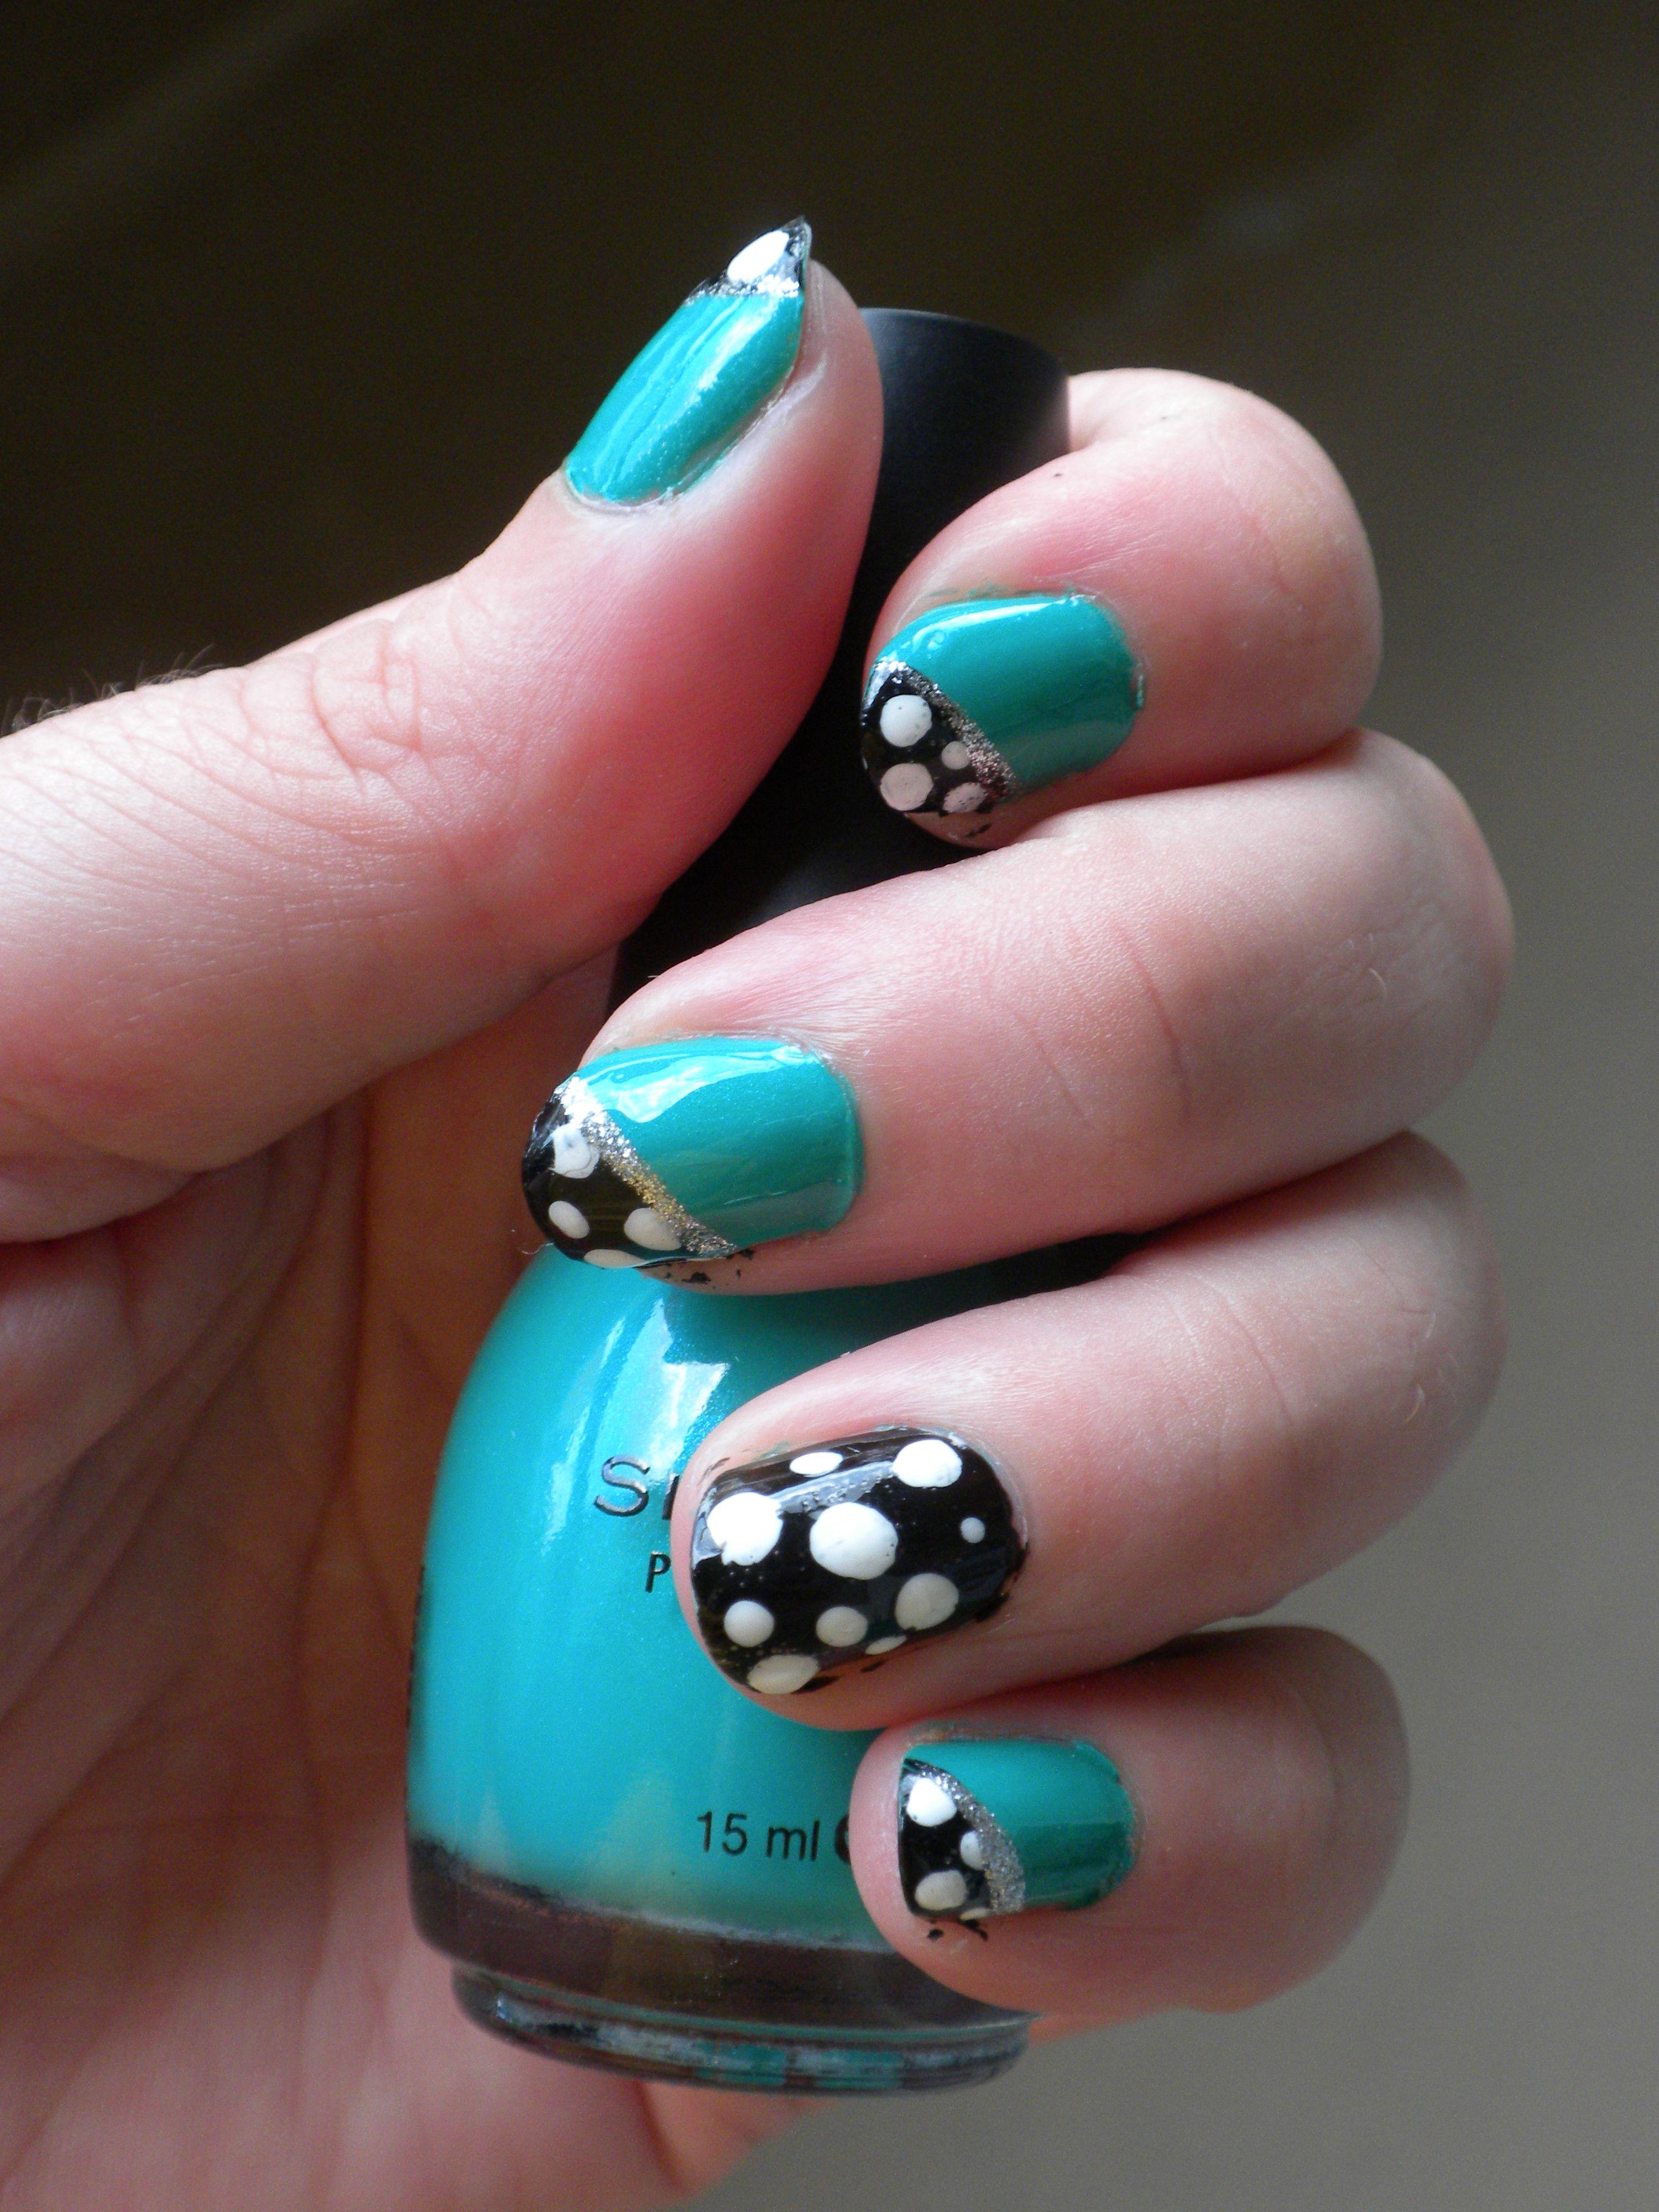 My Nail Polish Design Today Nail Polish Designs I Love